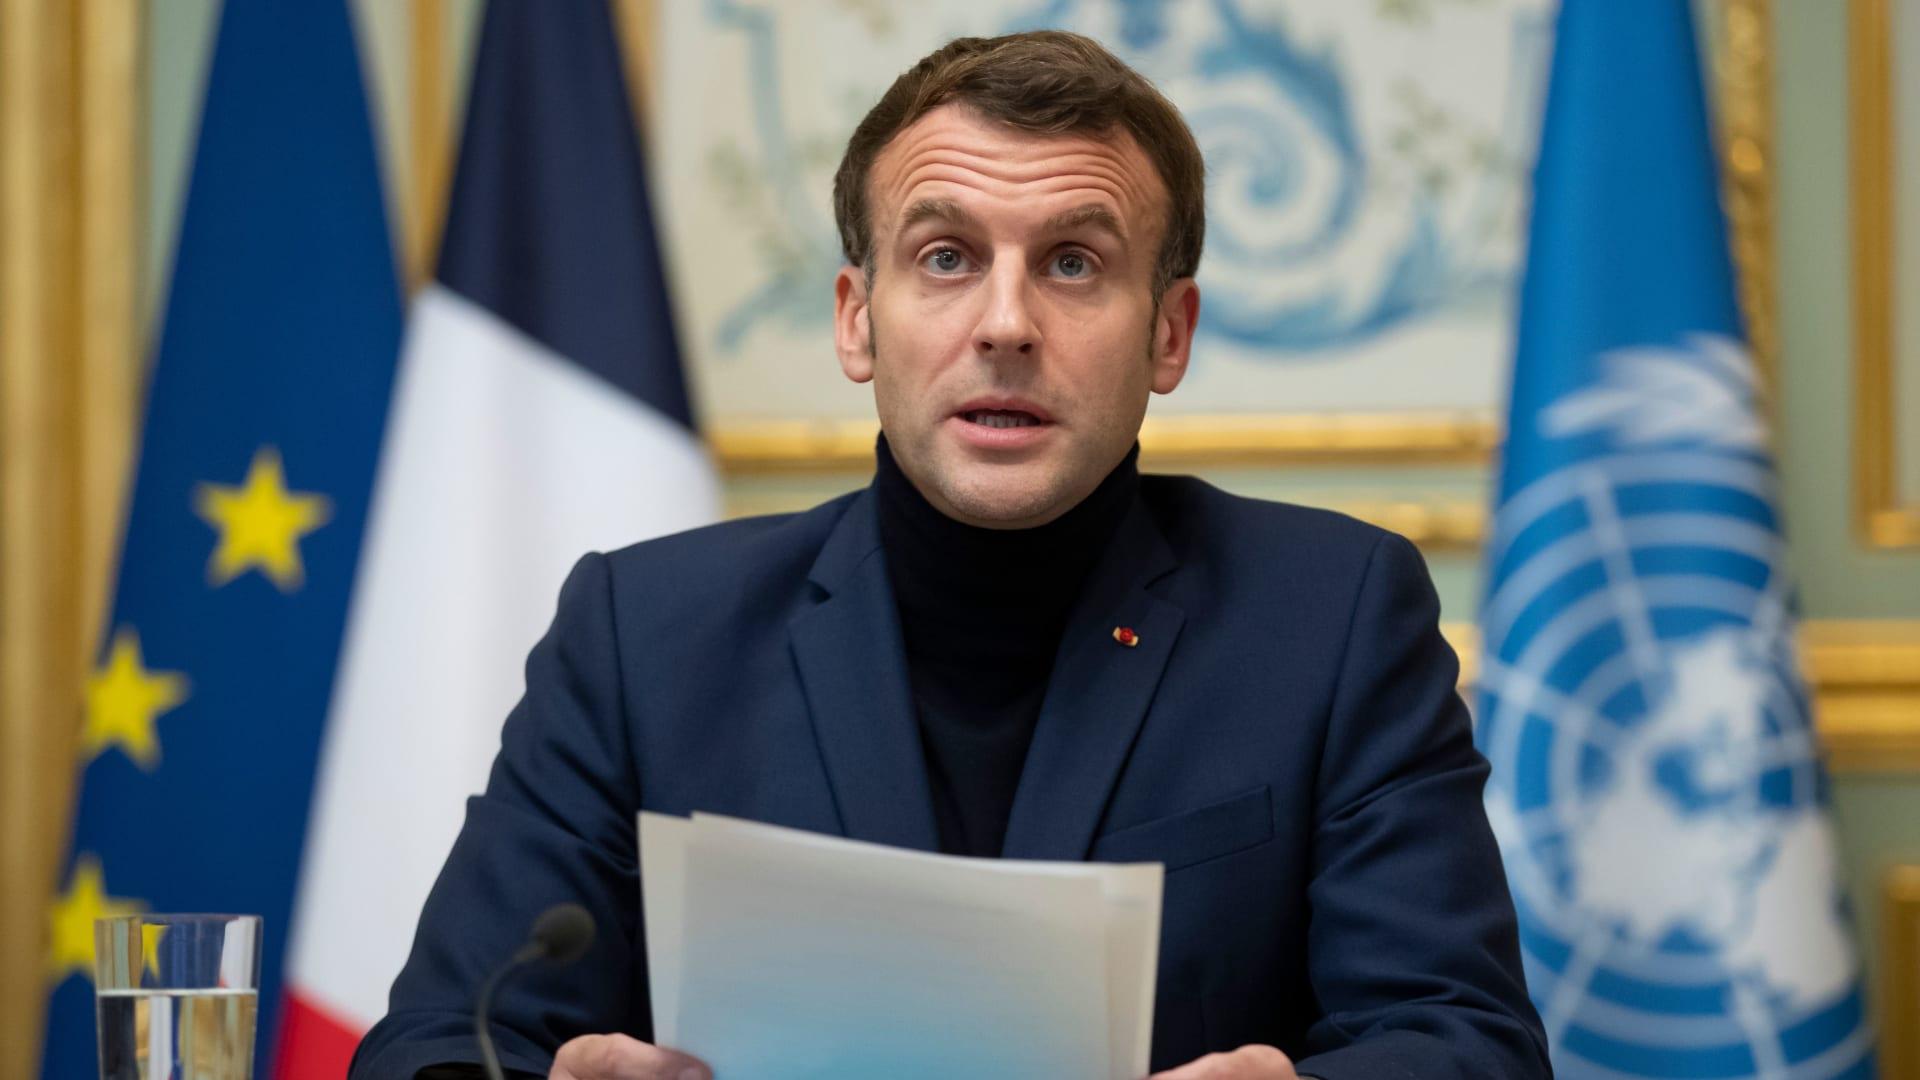 بعد تدهور الأوضاع الاقتصادية.. فرنسا تعلن عقد مؤتمر جديد لدعم لبنان